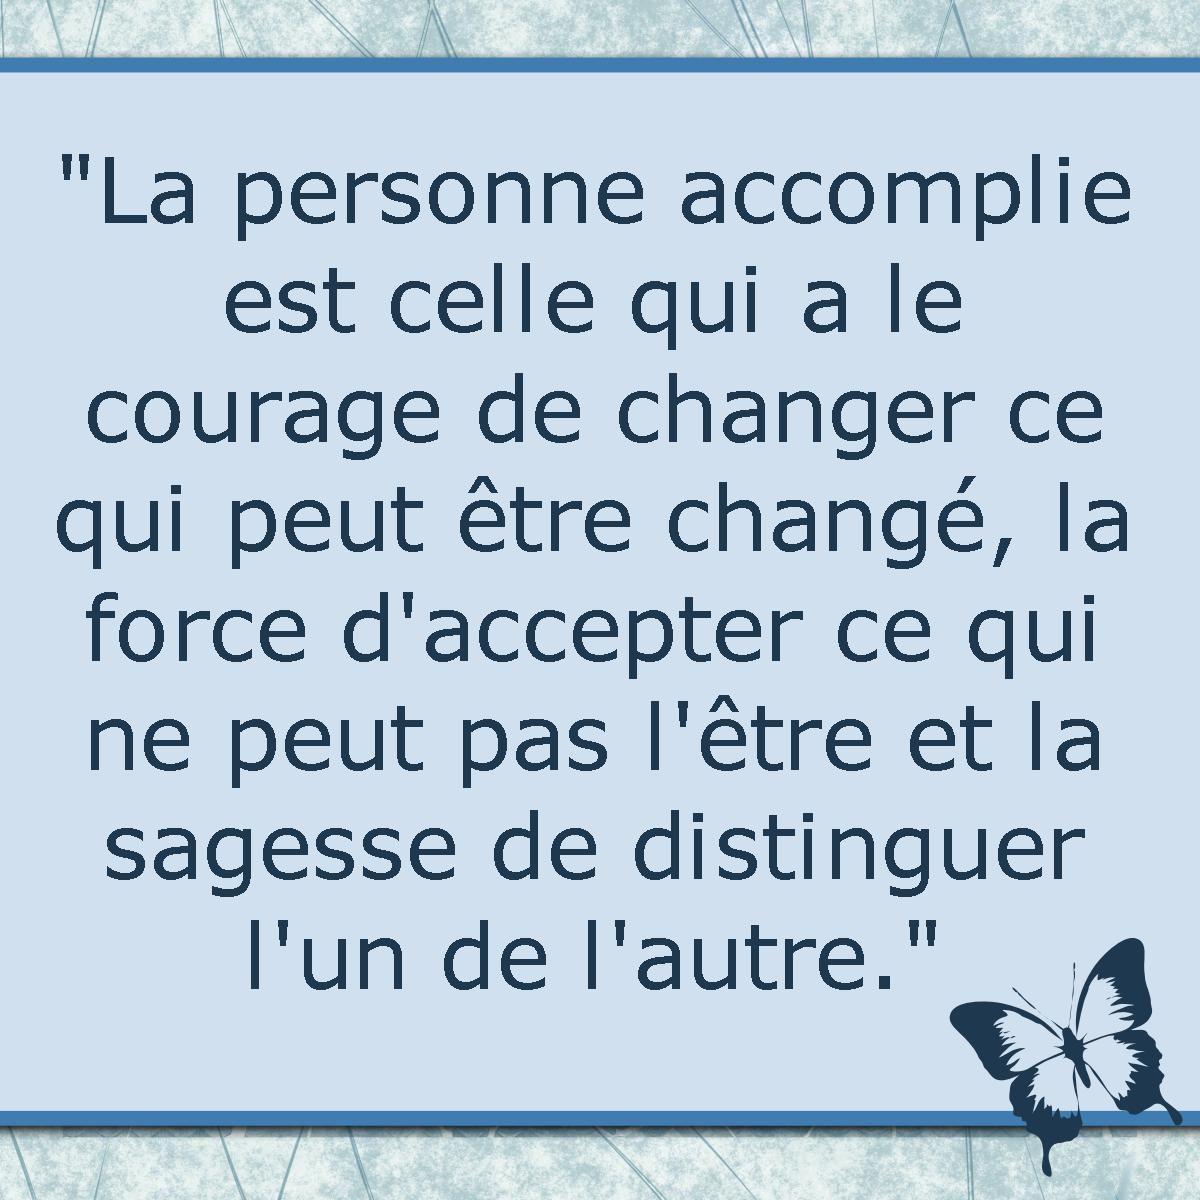 La personne accomplie est celle qui a le courage de changer ce qui peut - Loi alur ce qui change ...